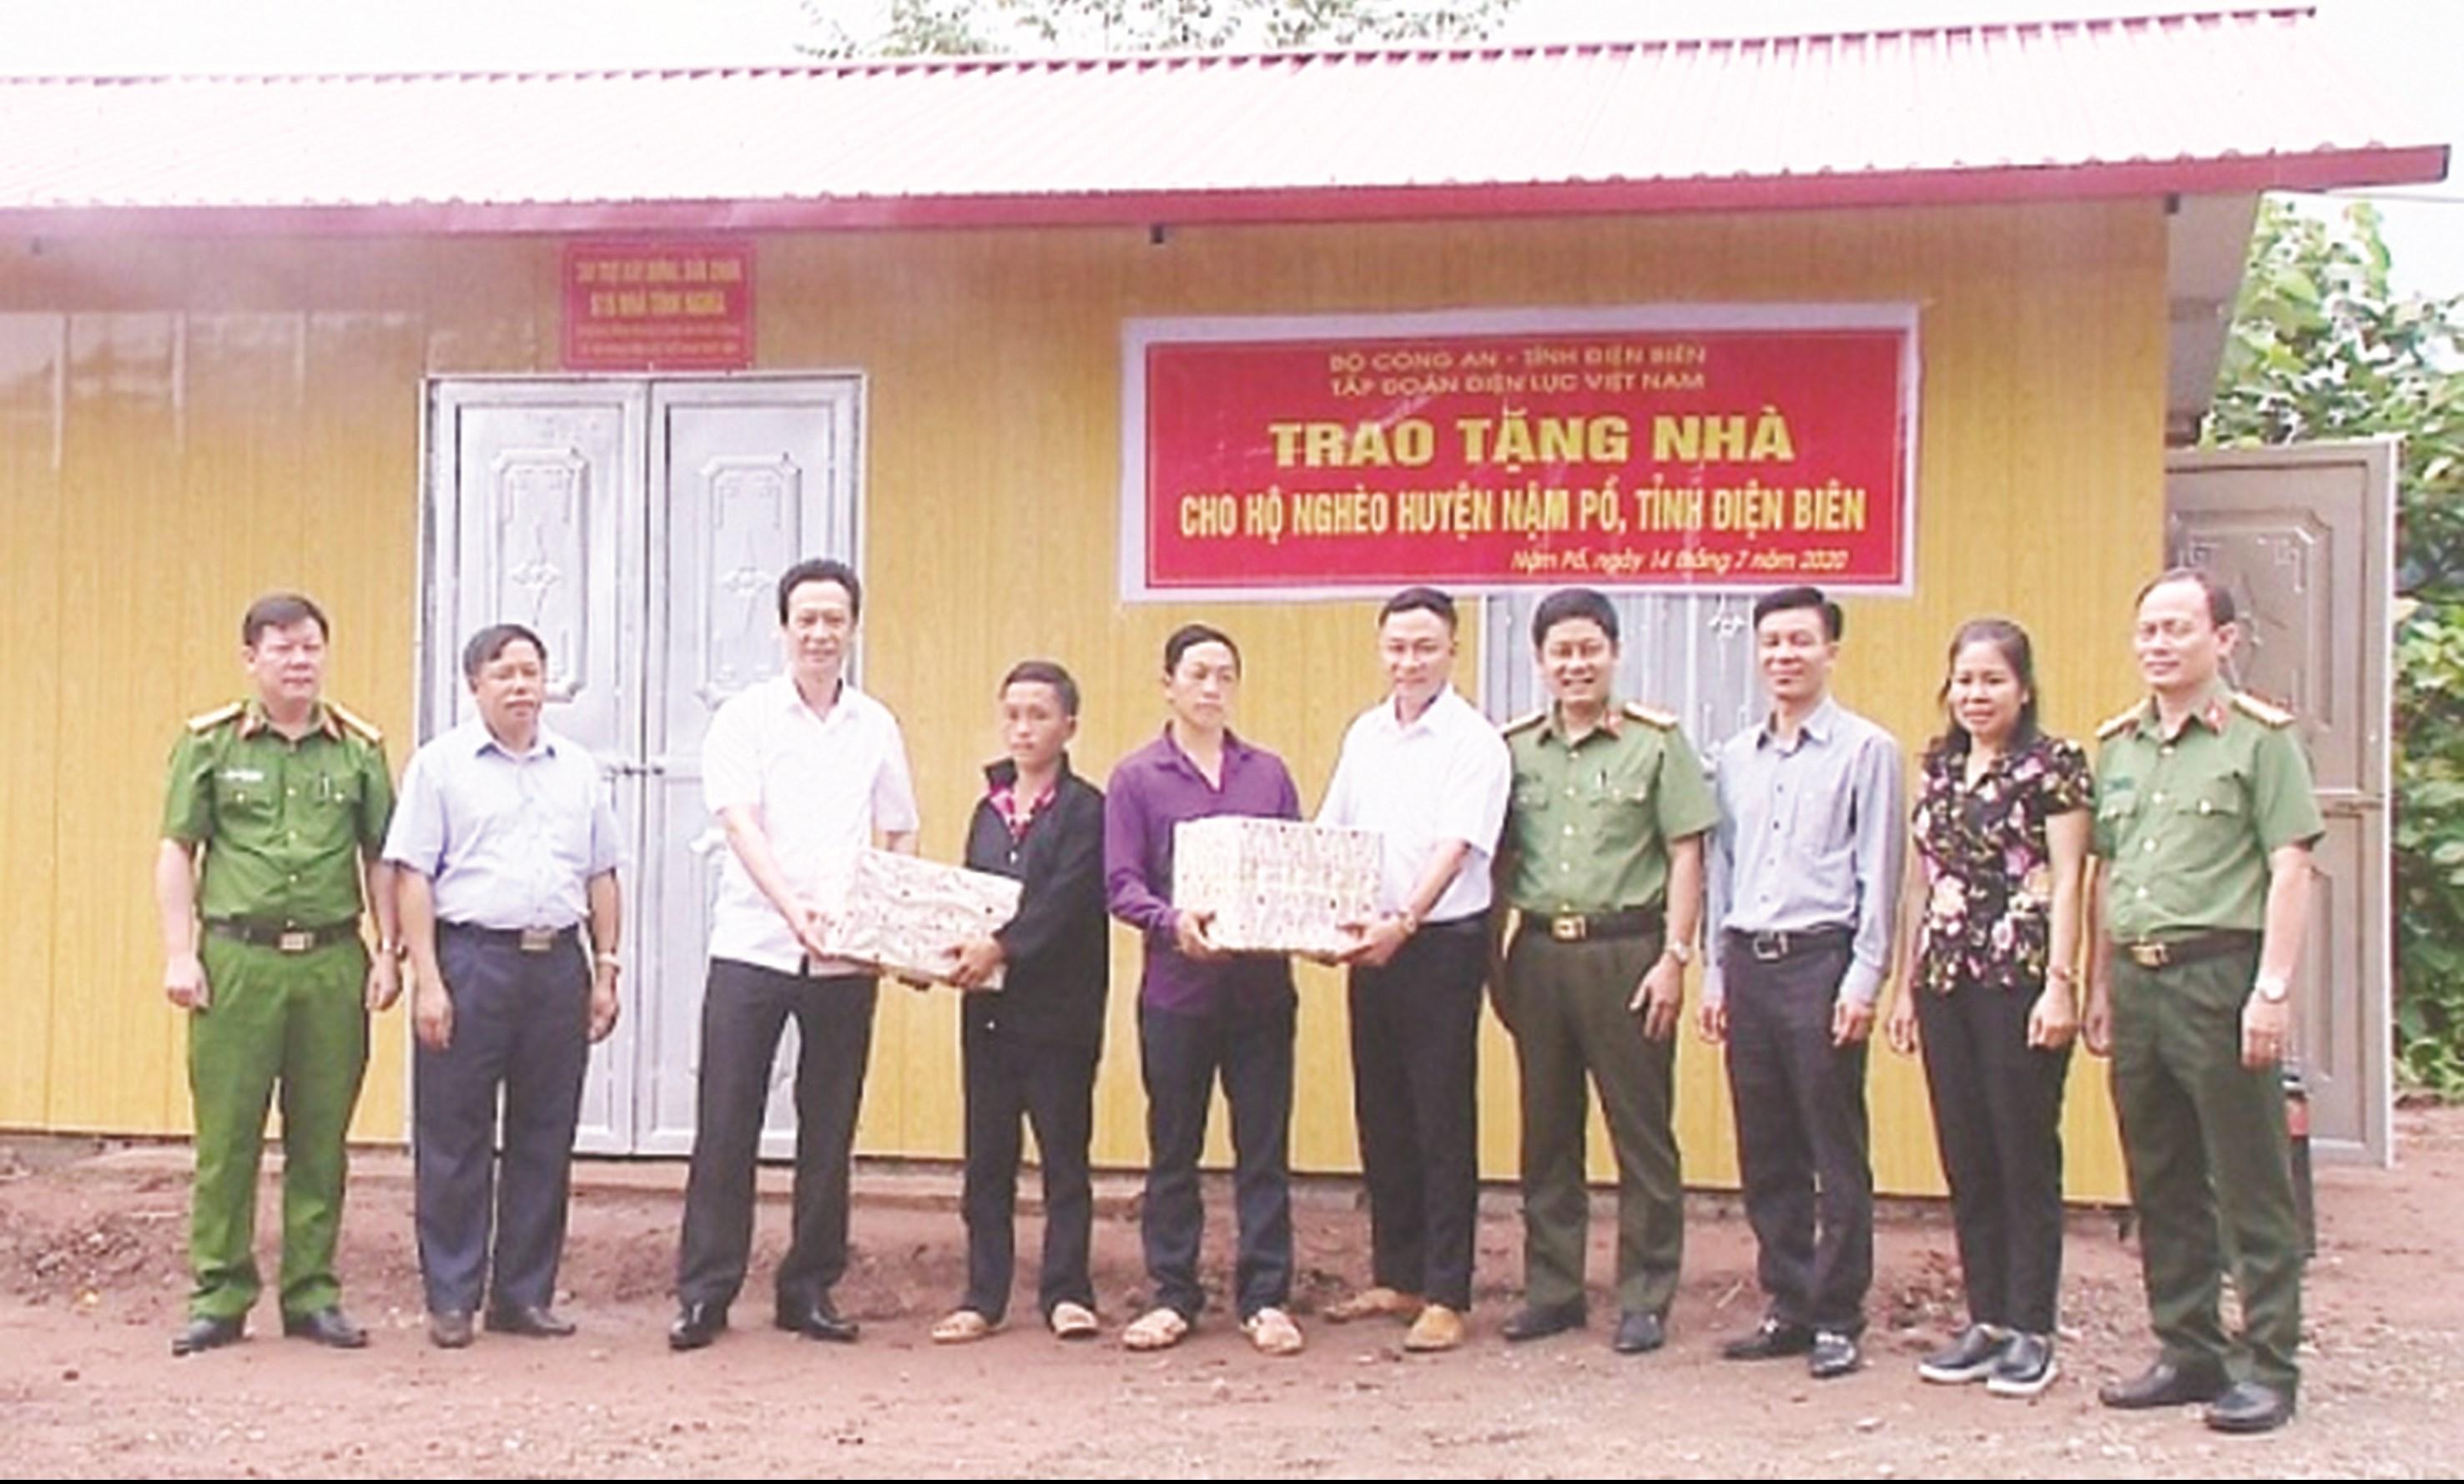 Lãnh đạo Bộ Công an, EVN và đại diện chính quyền bàn giao nhà cho gia đình anh Giàng A Chu tại bản Nậm Thà Là, xã Pa Tần.